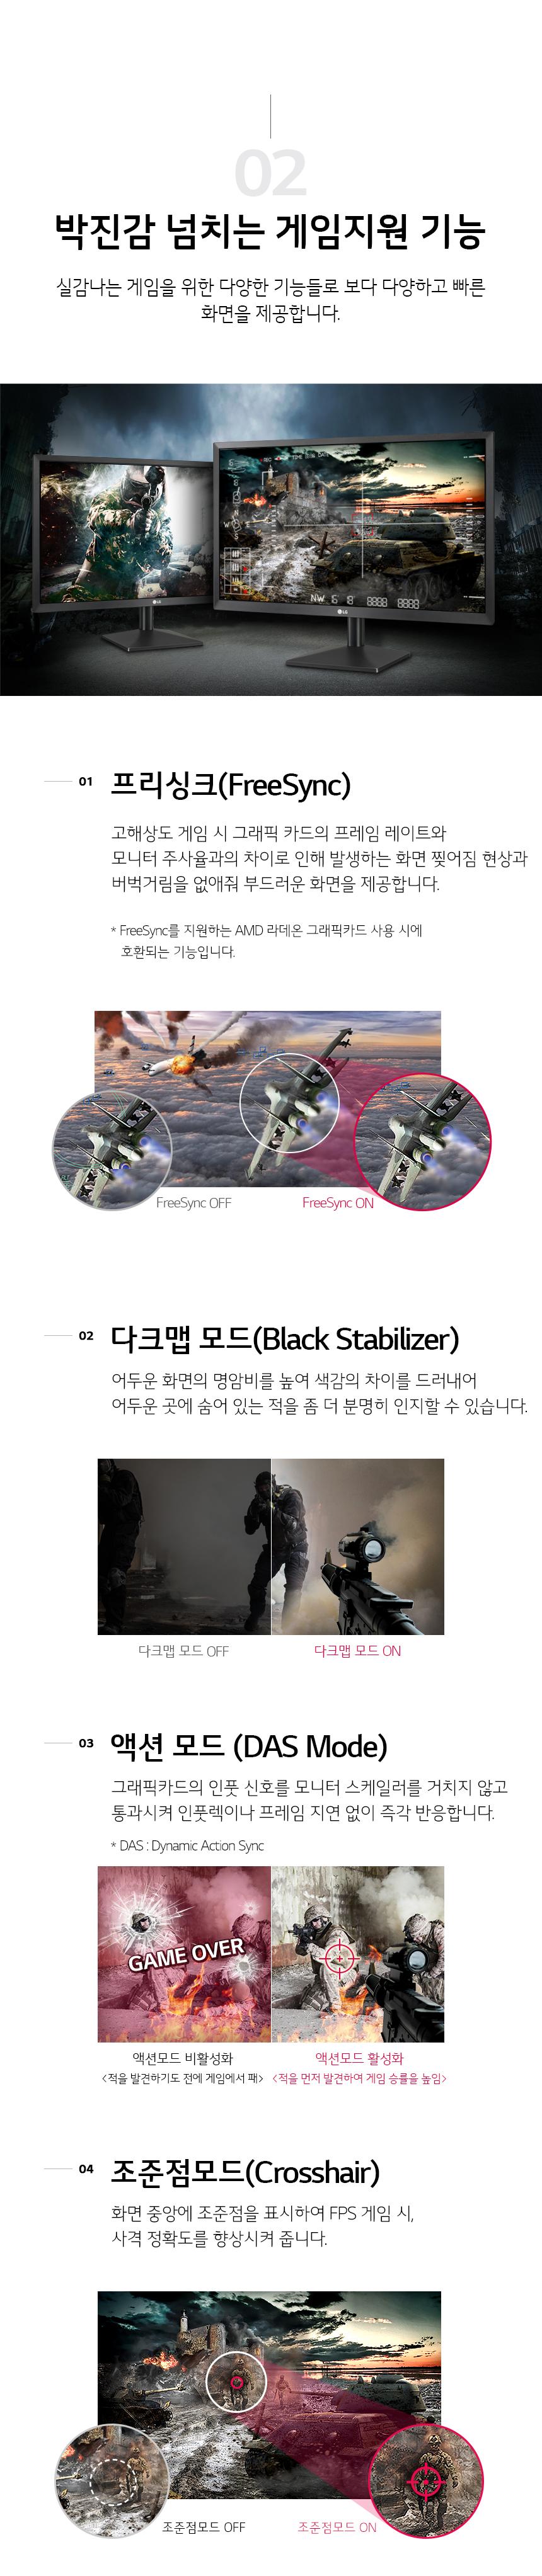 박진감 넘치는 게임지원 기능